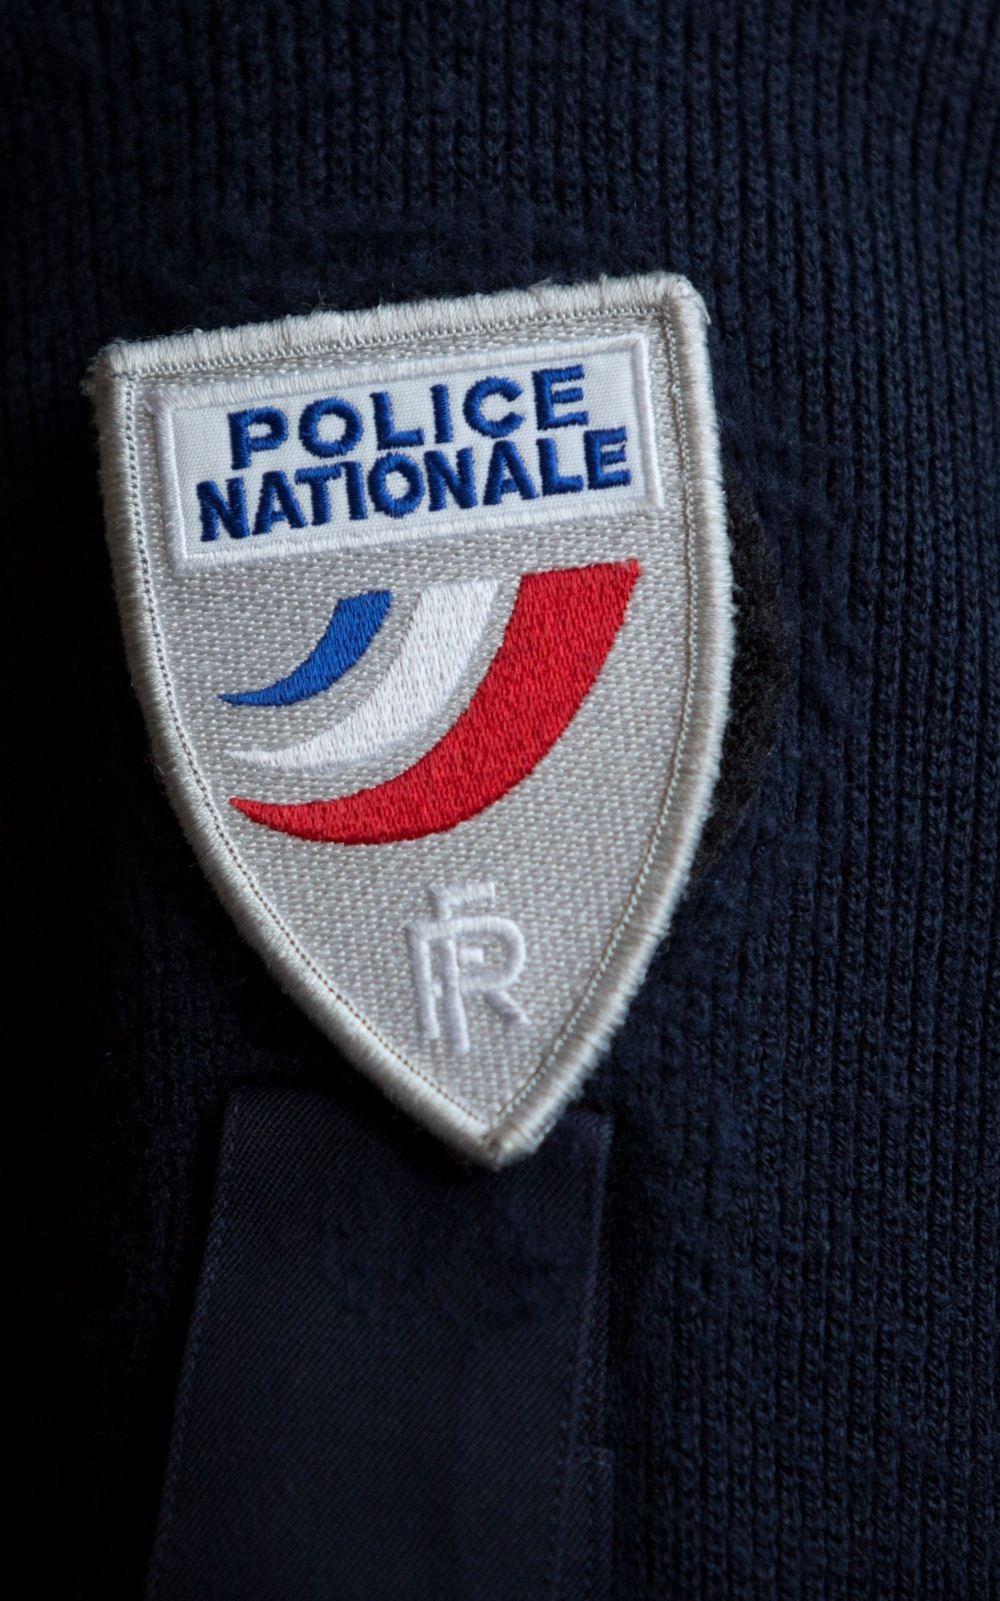 infiltrer la police  ud83d ude06 t u2019avais dit que tu me parlerais plus si je rentrais dans la police